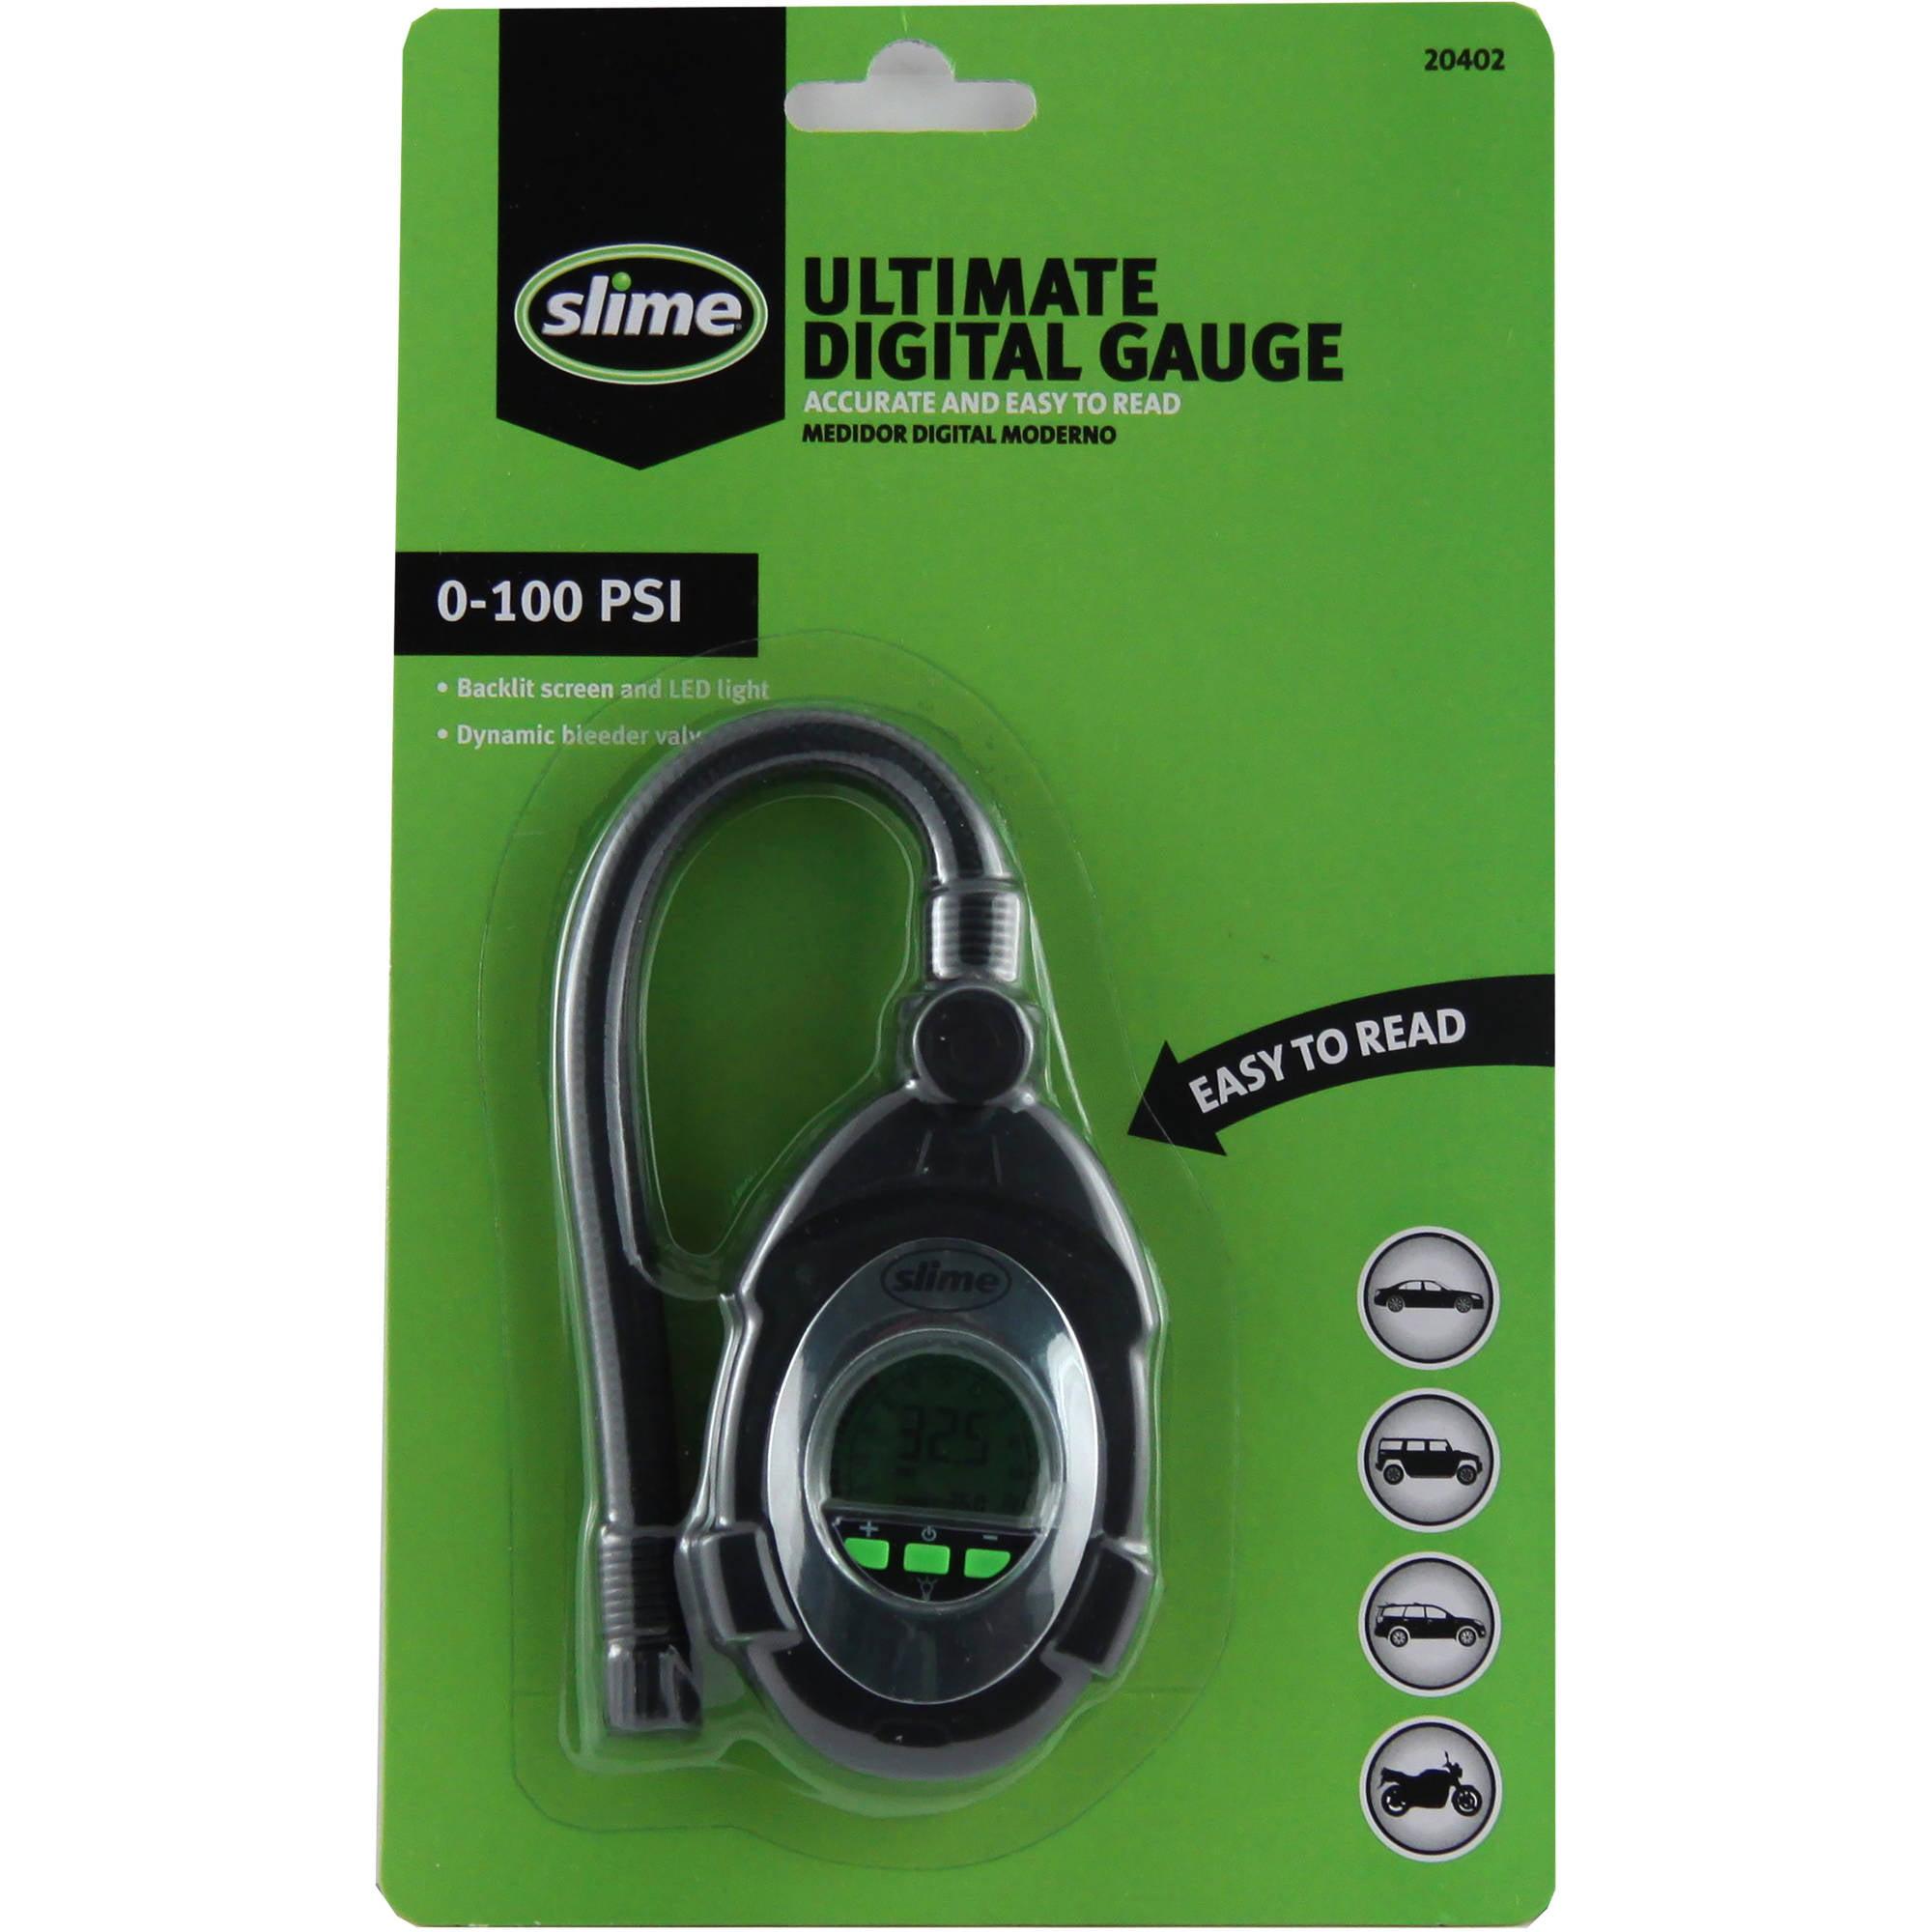 Slime Digital Tire Pressure Gauge 0-100 PSI - 20402